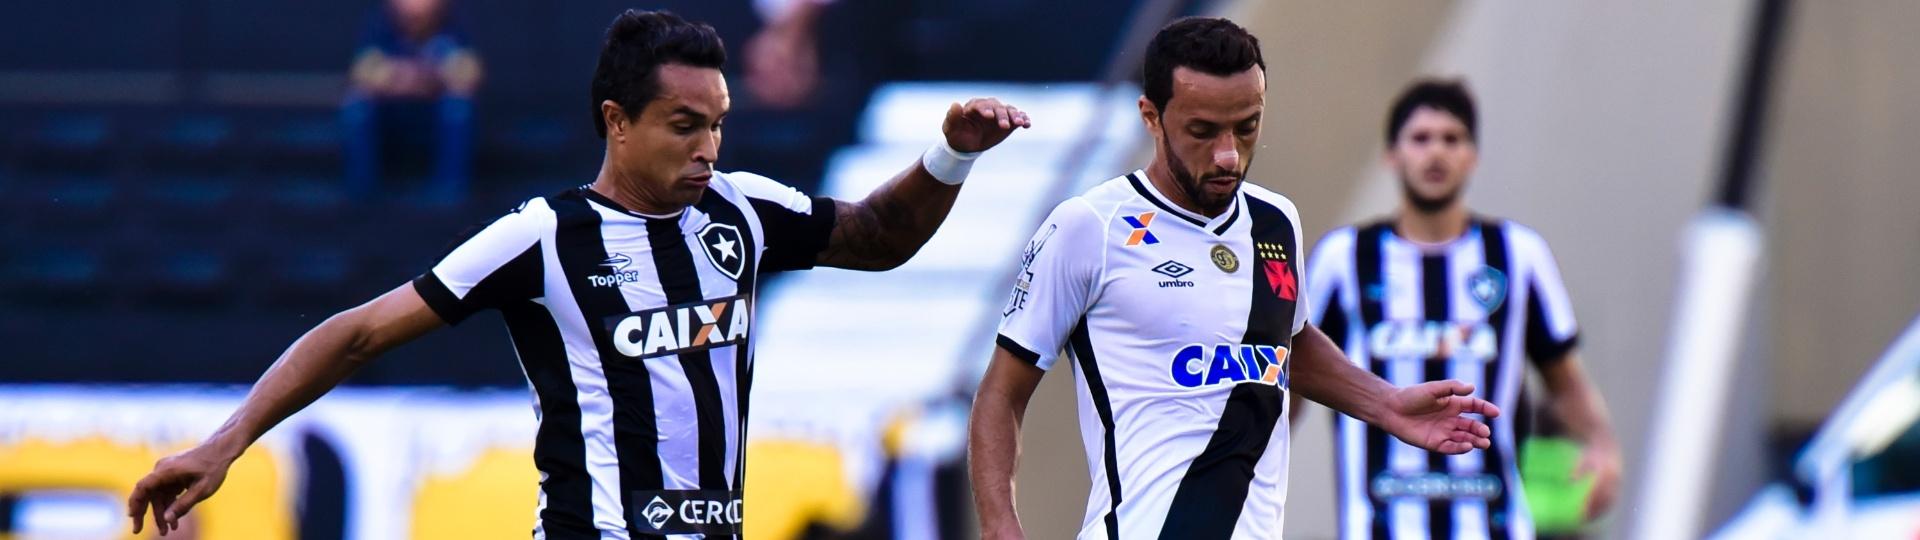 Nenê protege a bola durante o clássico Vasco e Botafogo, na final da Taça Rio